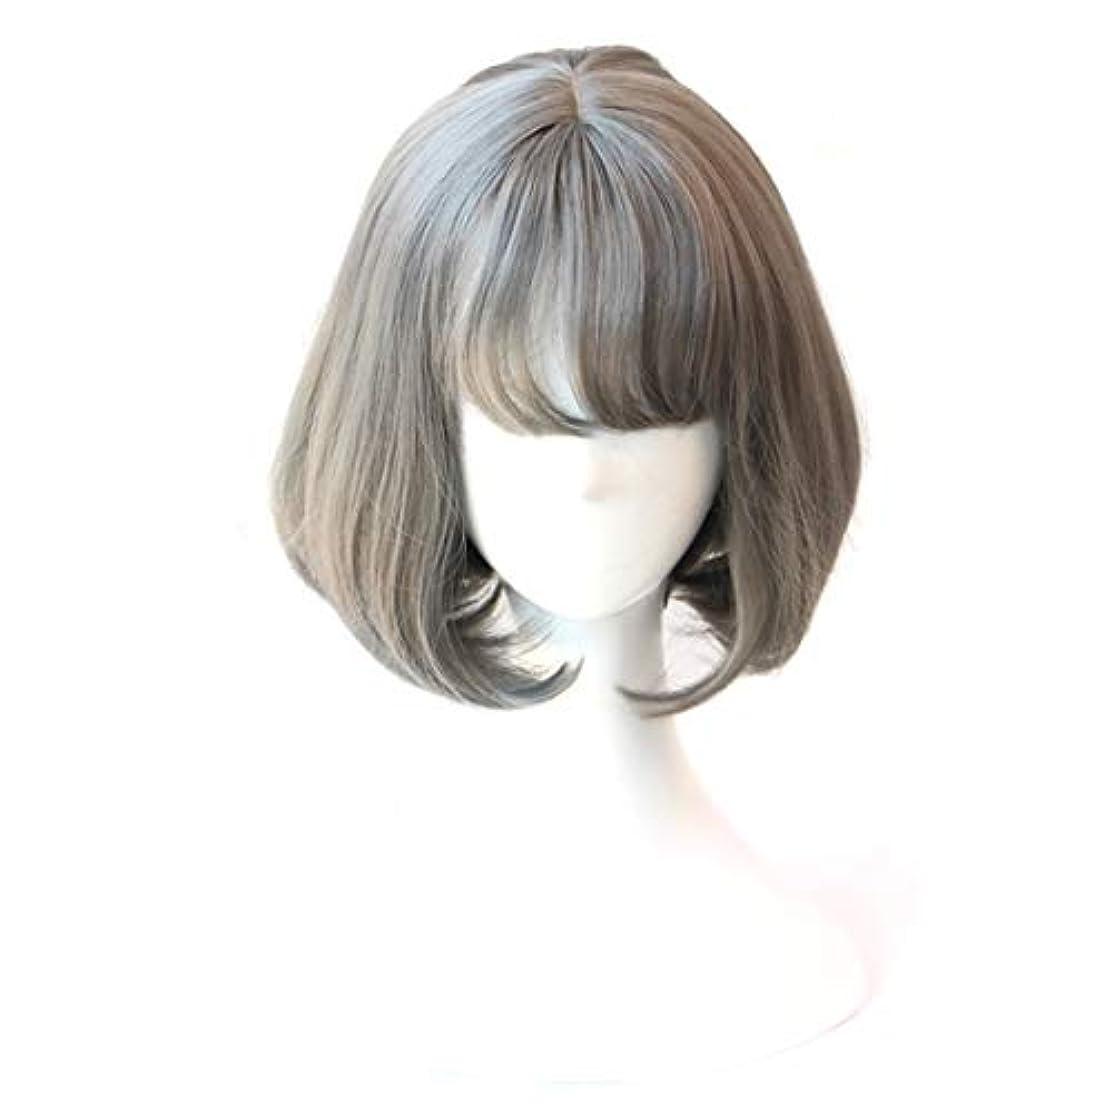 全体にできるスキャンYOUQIU 女の子のかつら用ウィッグエア前髪ショートヘアウィッグBOB (色 : Grandma ash)